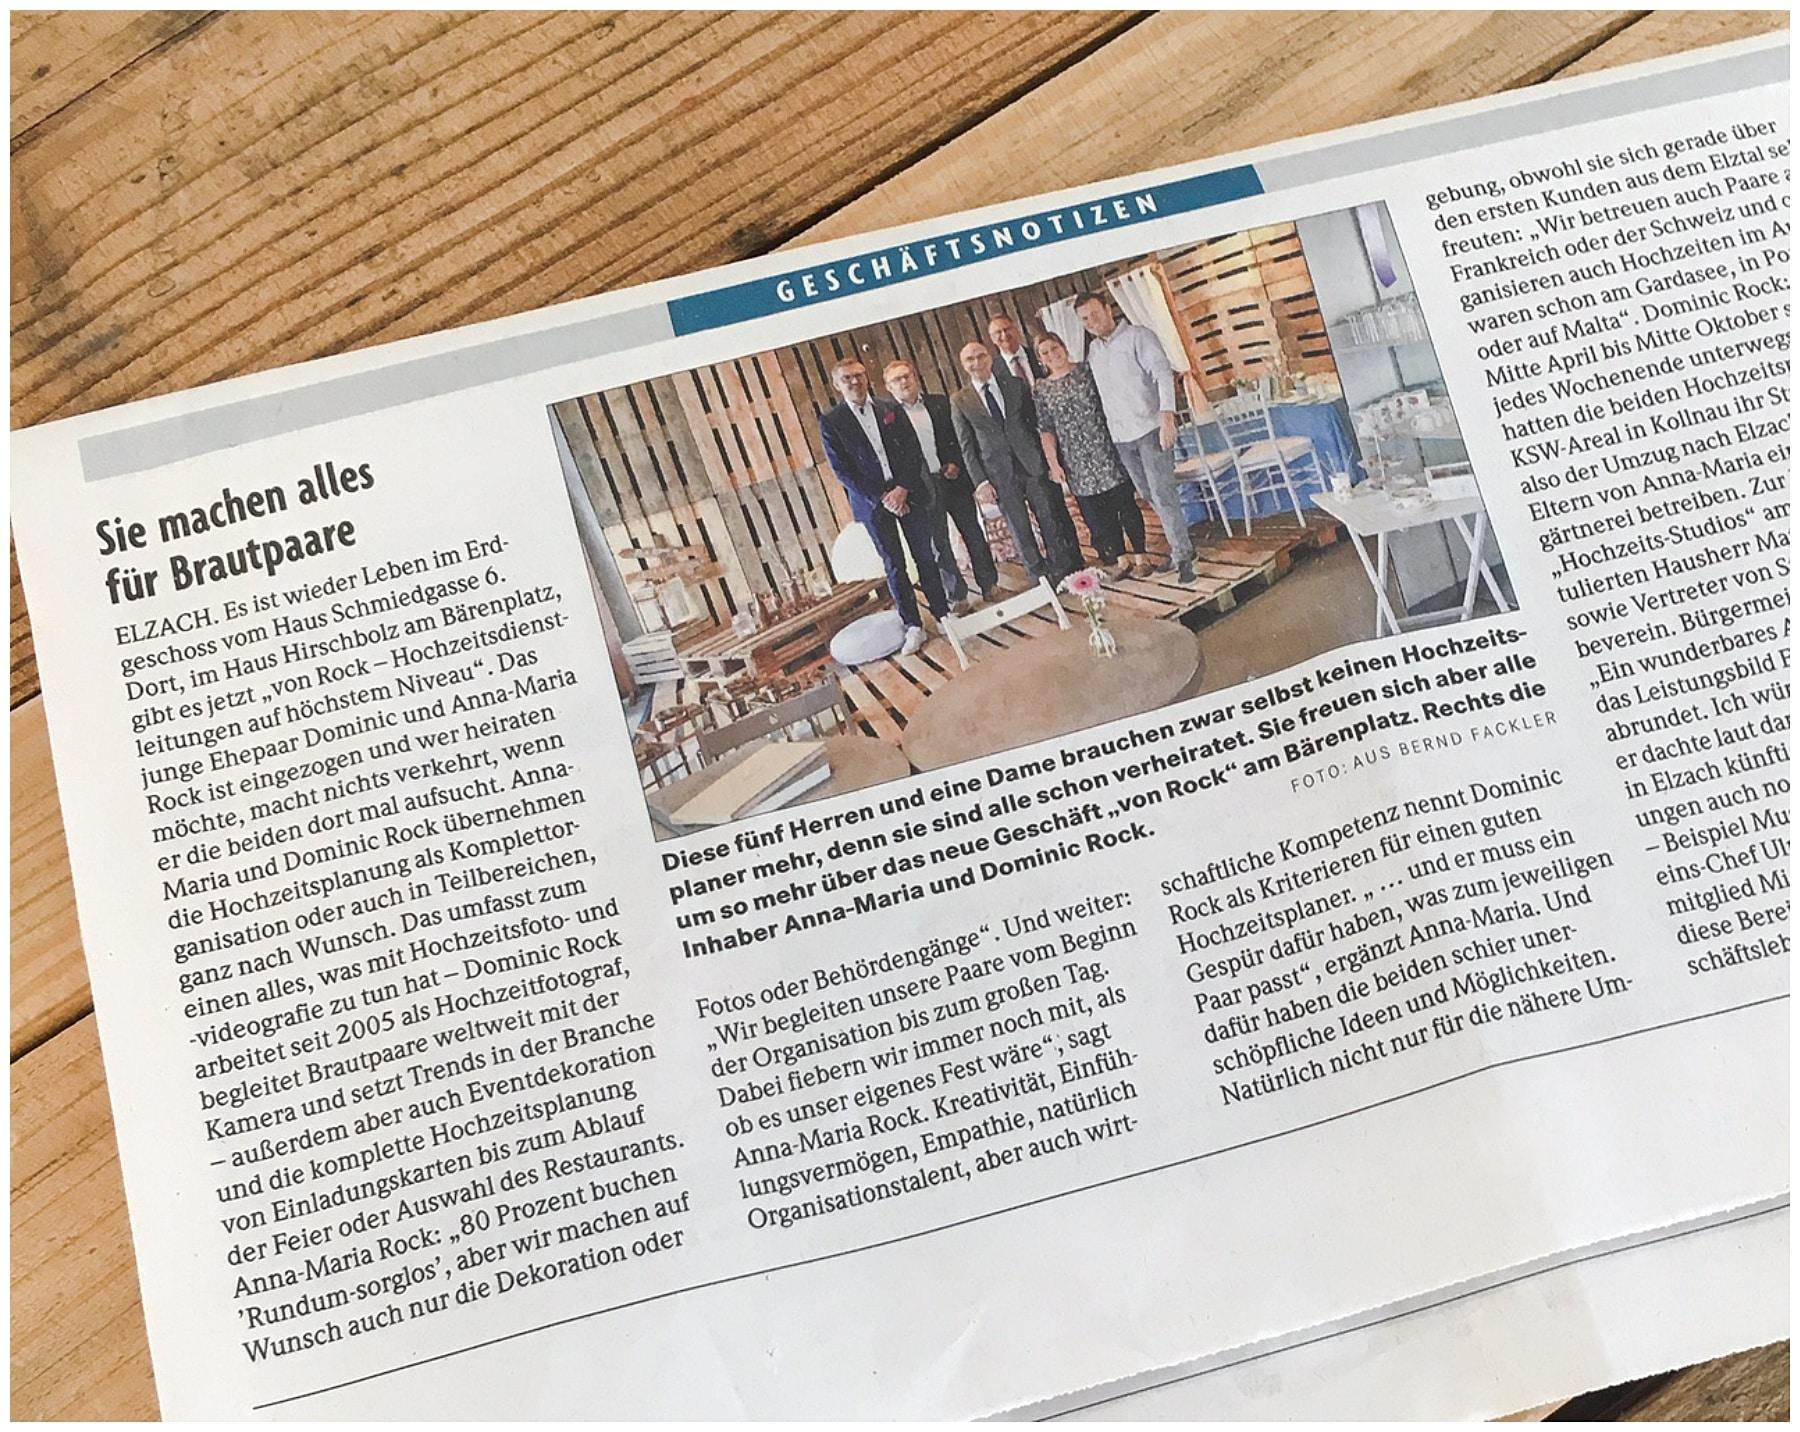 Badische Zeitung Hochzeitsplanung Freiburg